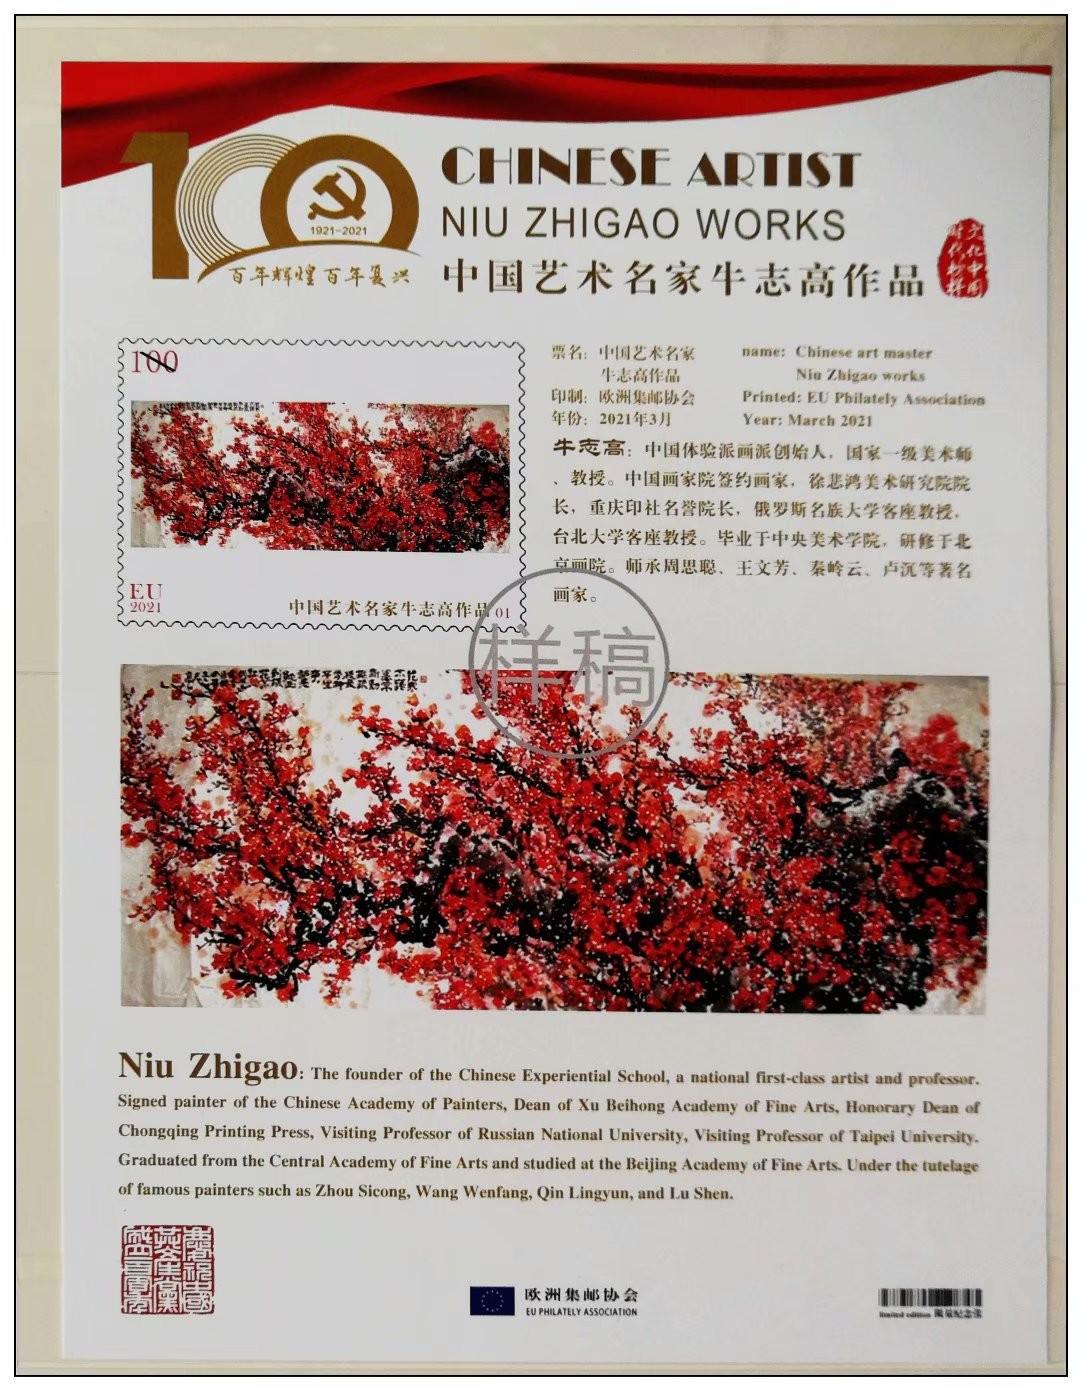 庆祝中国共产党成立100周年---牛志高书画集邮册面世2021.03.15_图1-7